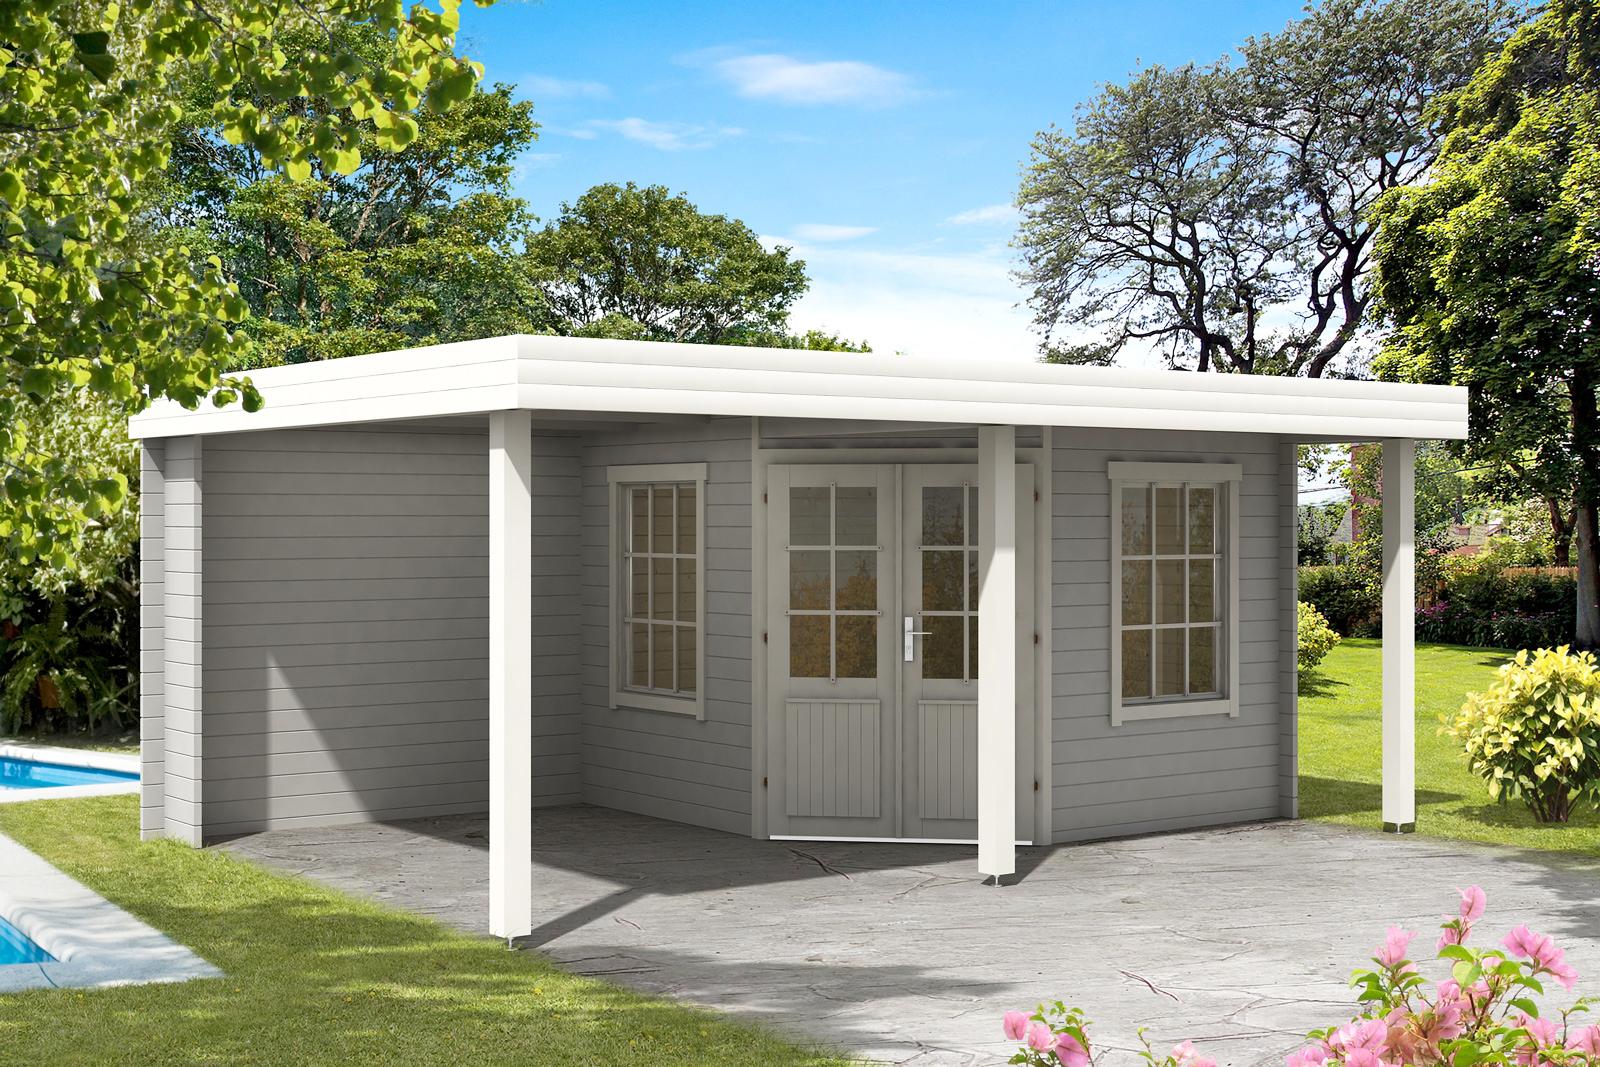 Gartenhaus modell hanna 40 plus - Skandinavisches gartenhaus ...